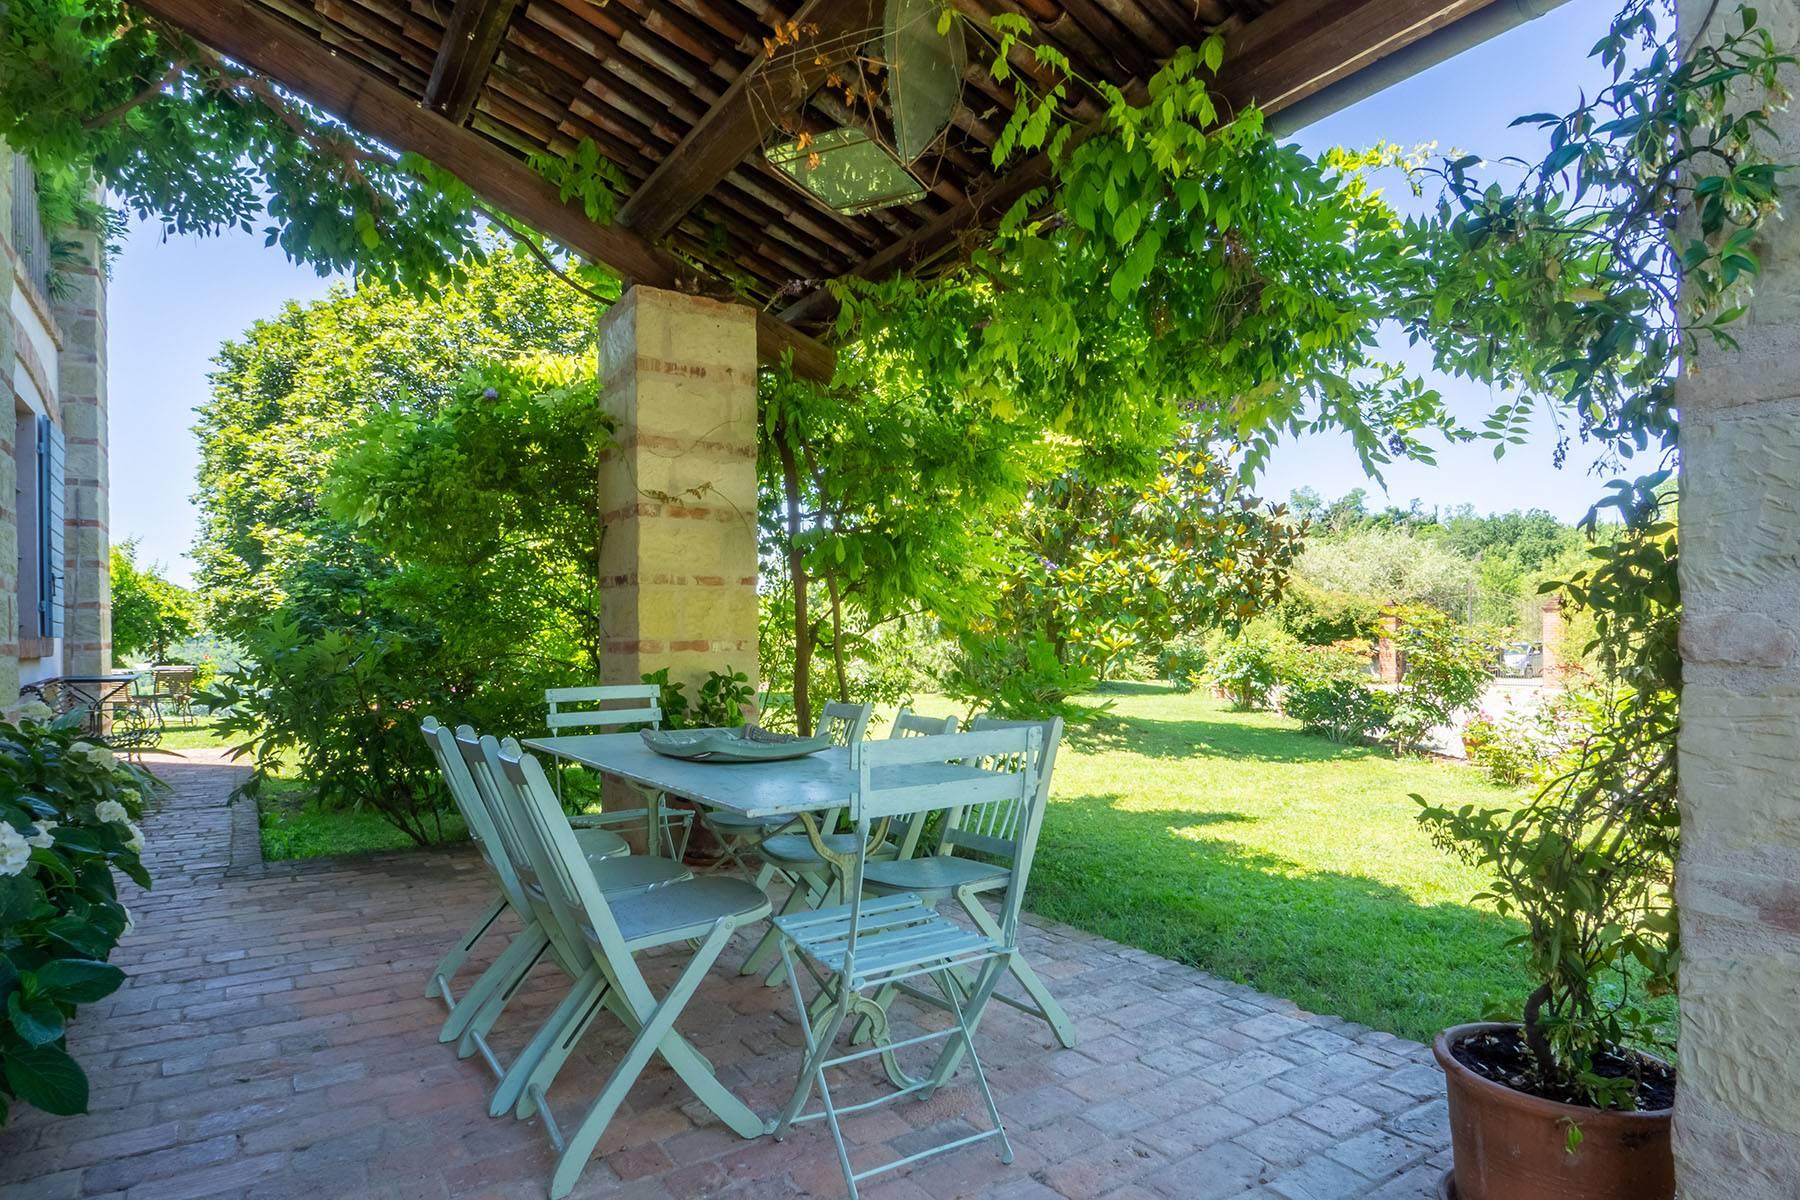 Rustico in Vendita a Ponzano Monferrato: 5 locali, 560 mq - Foto 24